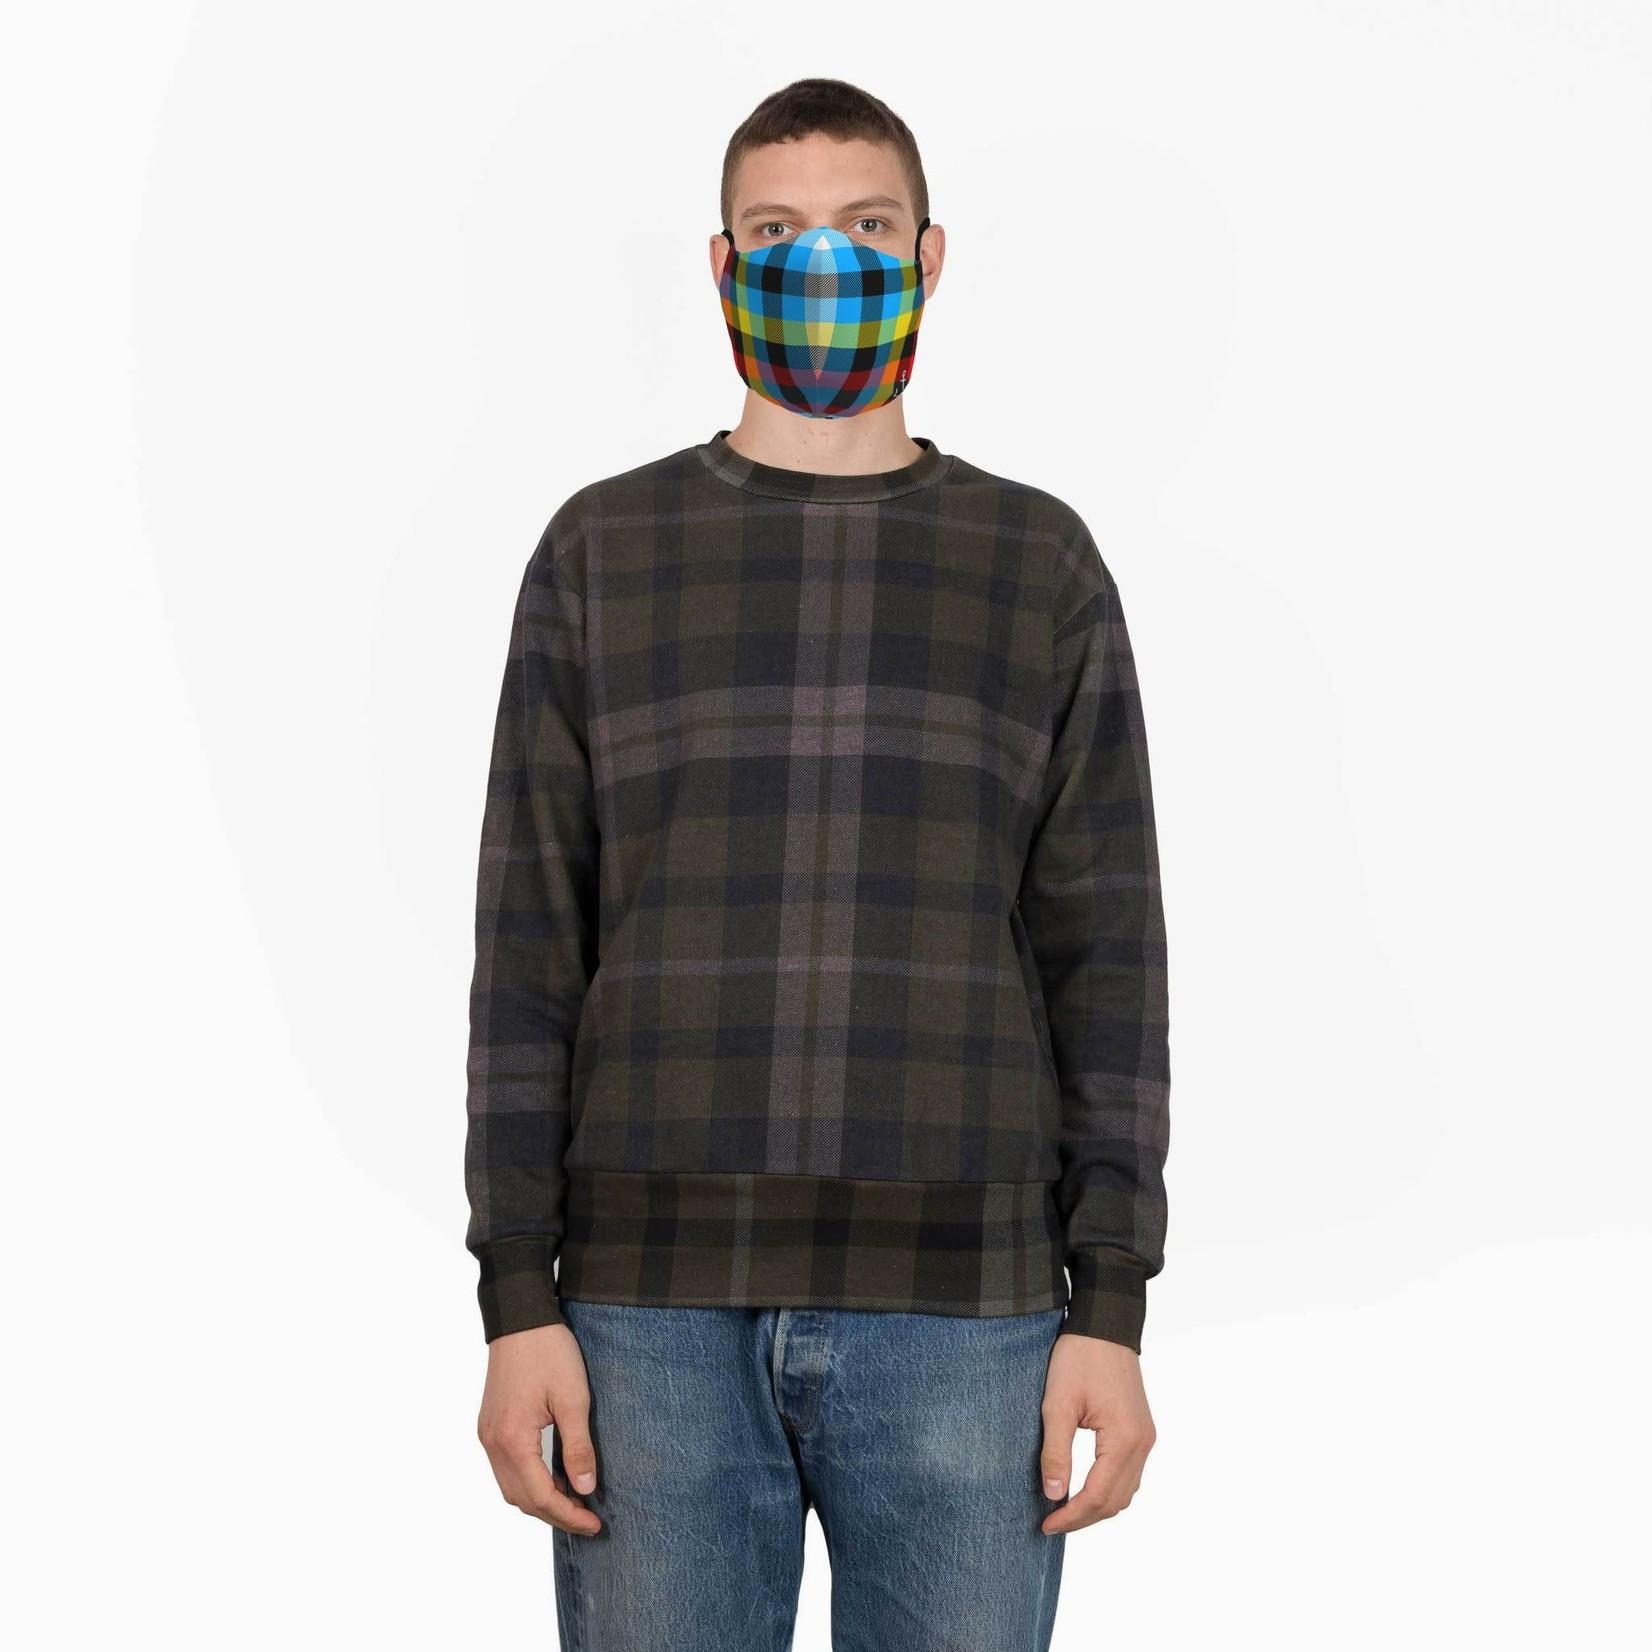 JCRT JCRT The Original Tron Plaid Face Mask